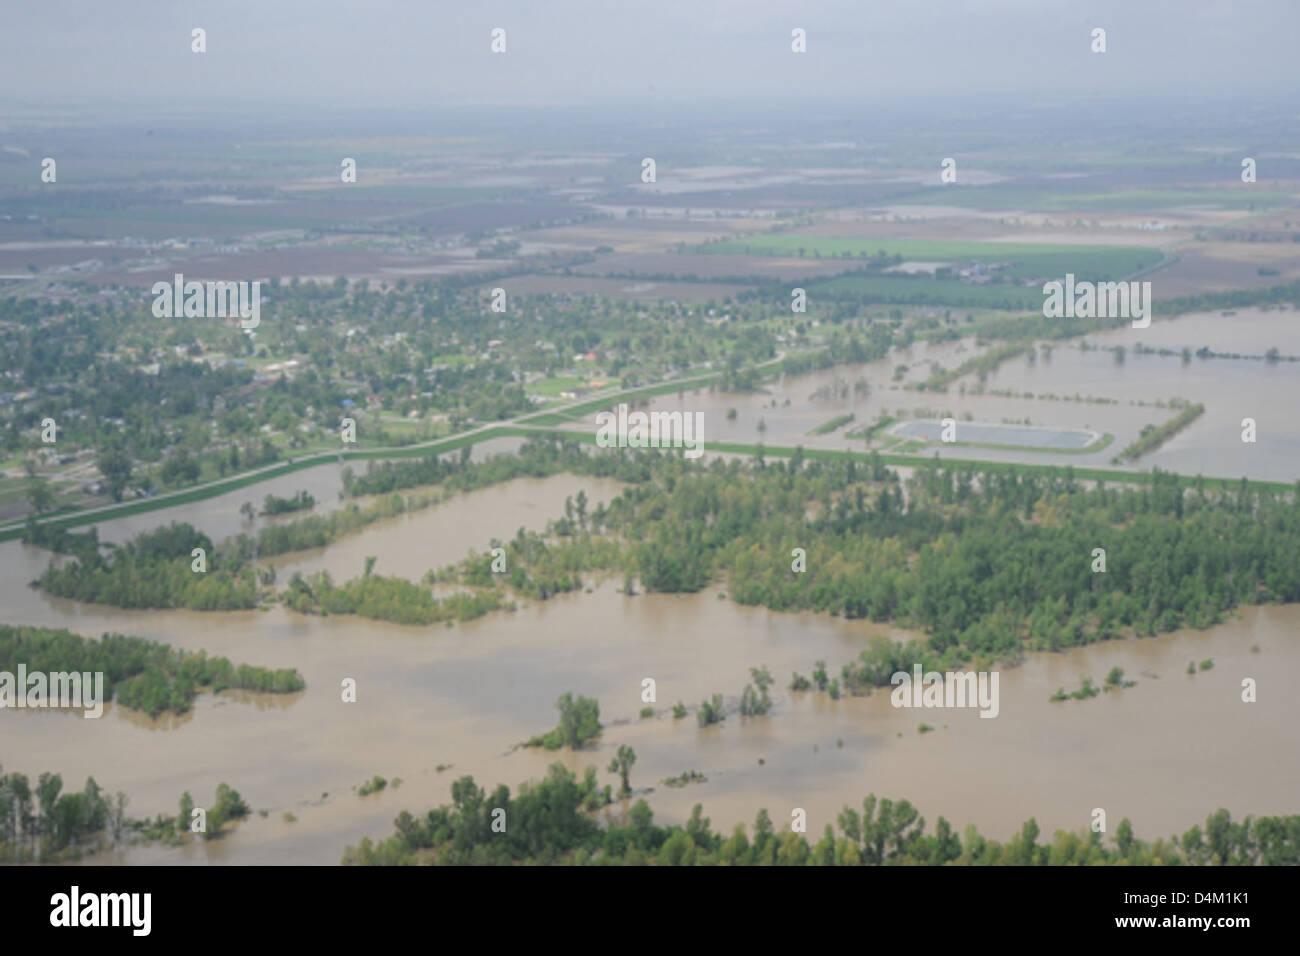 Flooding near Cairo, Ill., and Bird's Point, Mo. Stock Photo